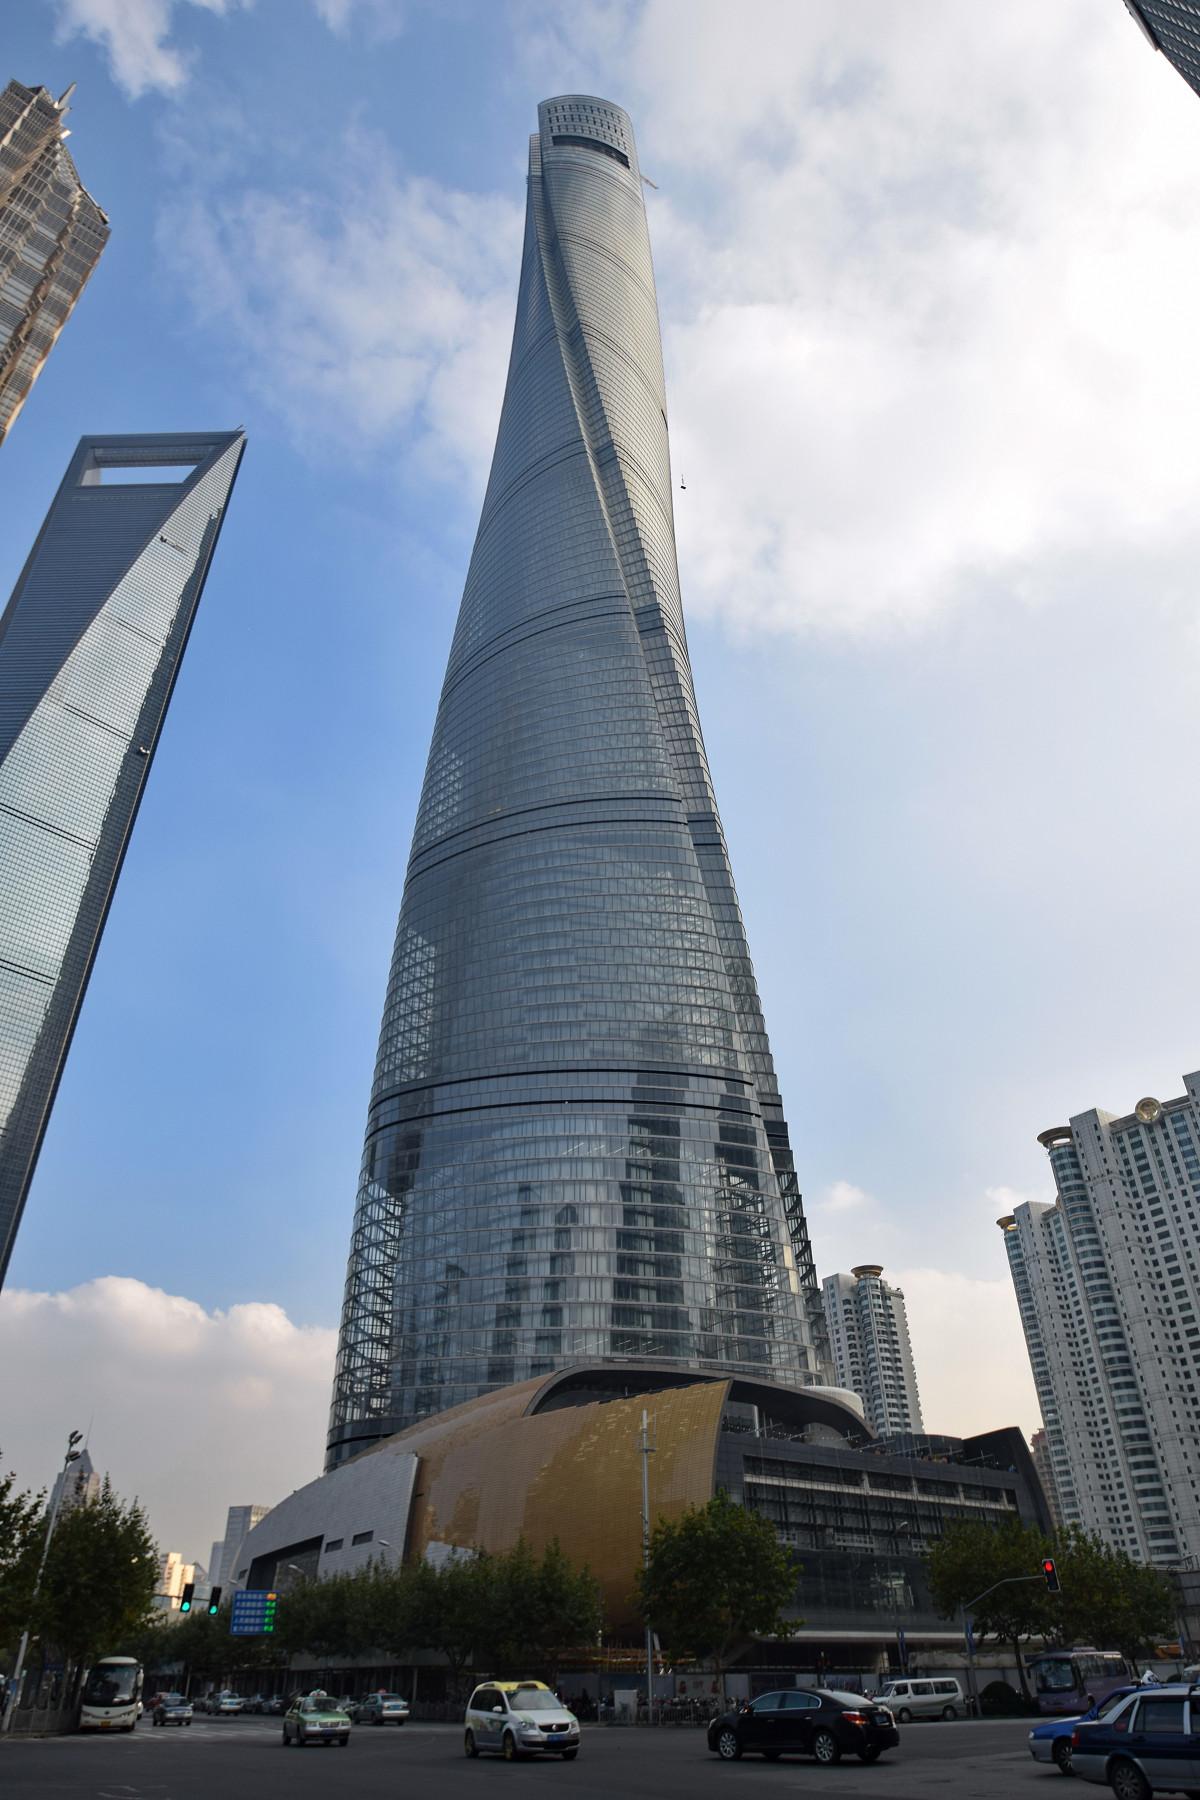 Baycrest ShanghaiTower Gensler